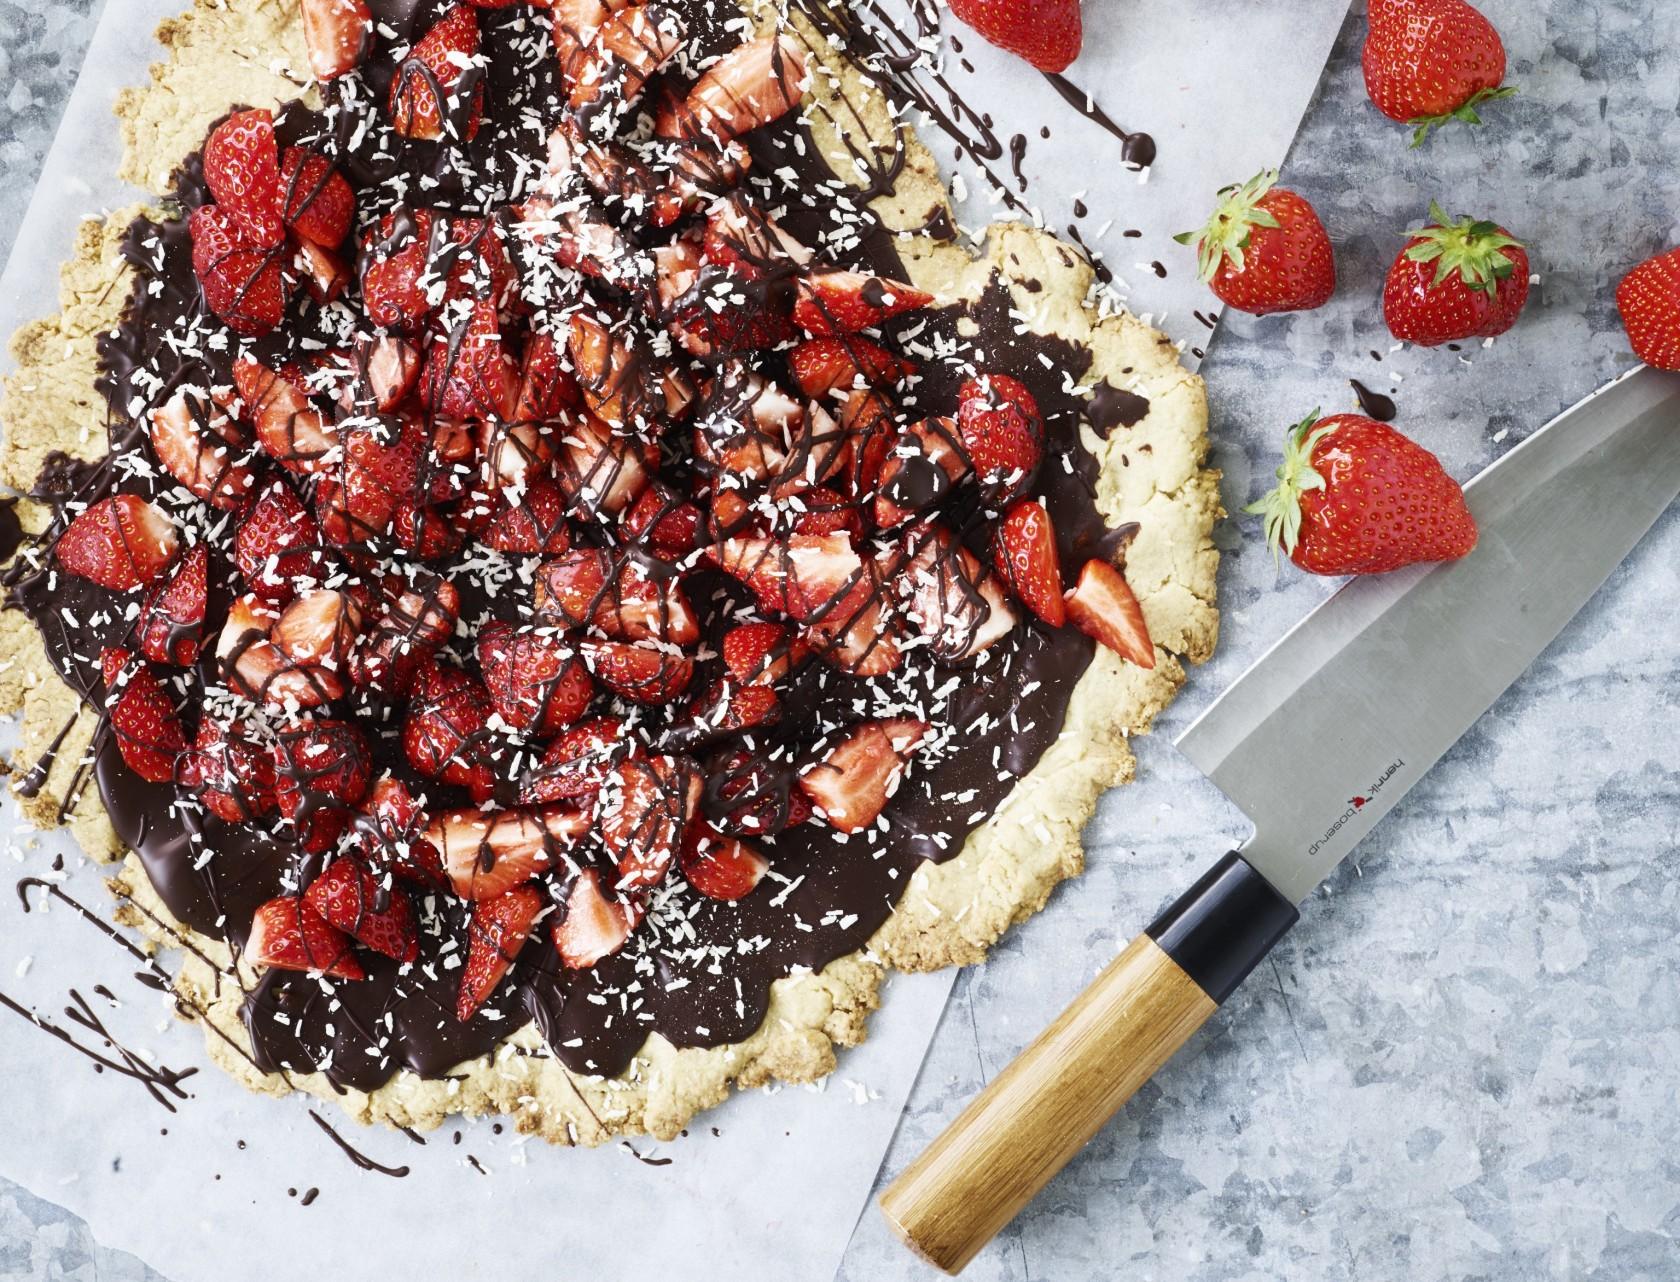 Rustik jordbærtærte, der smager fantastisk